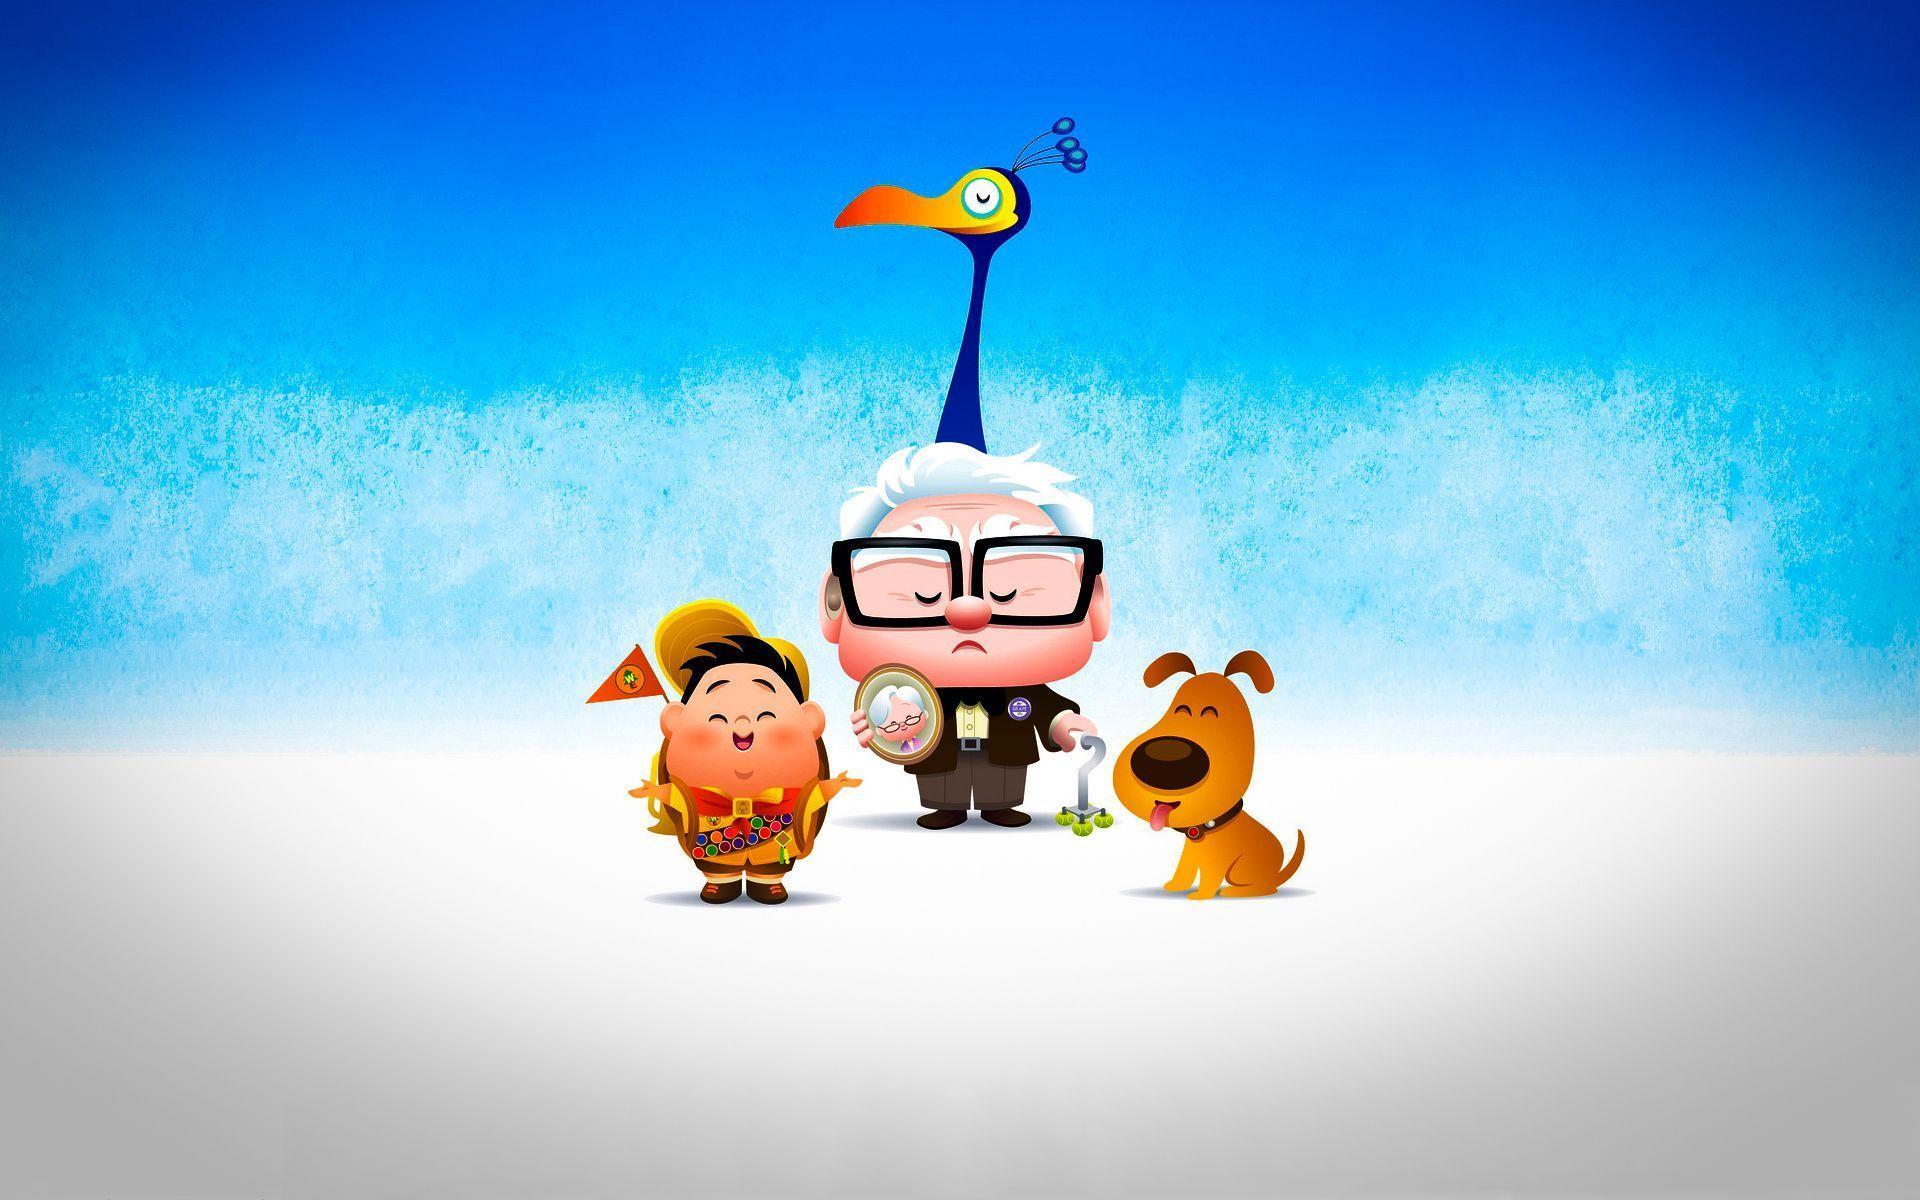 Disney Pixar 4K Wallpapers - Top Free Disney Pixar 4K ...